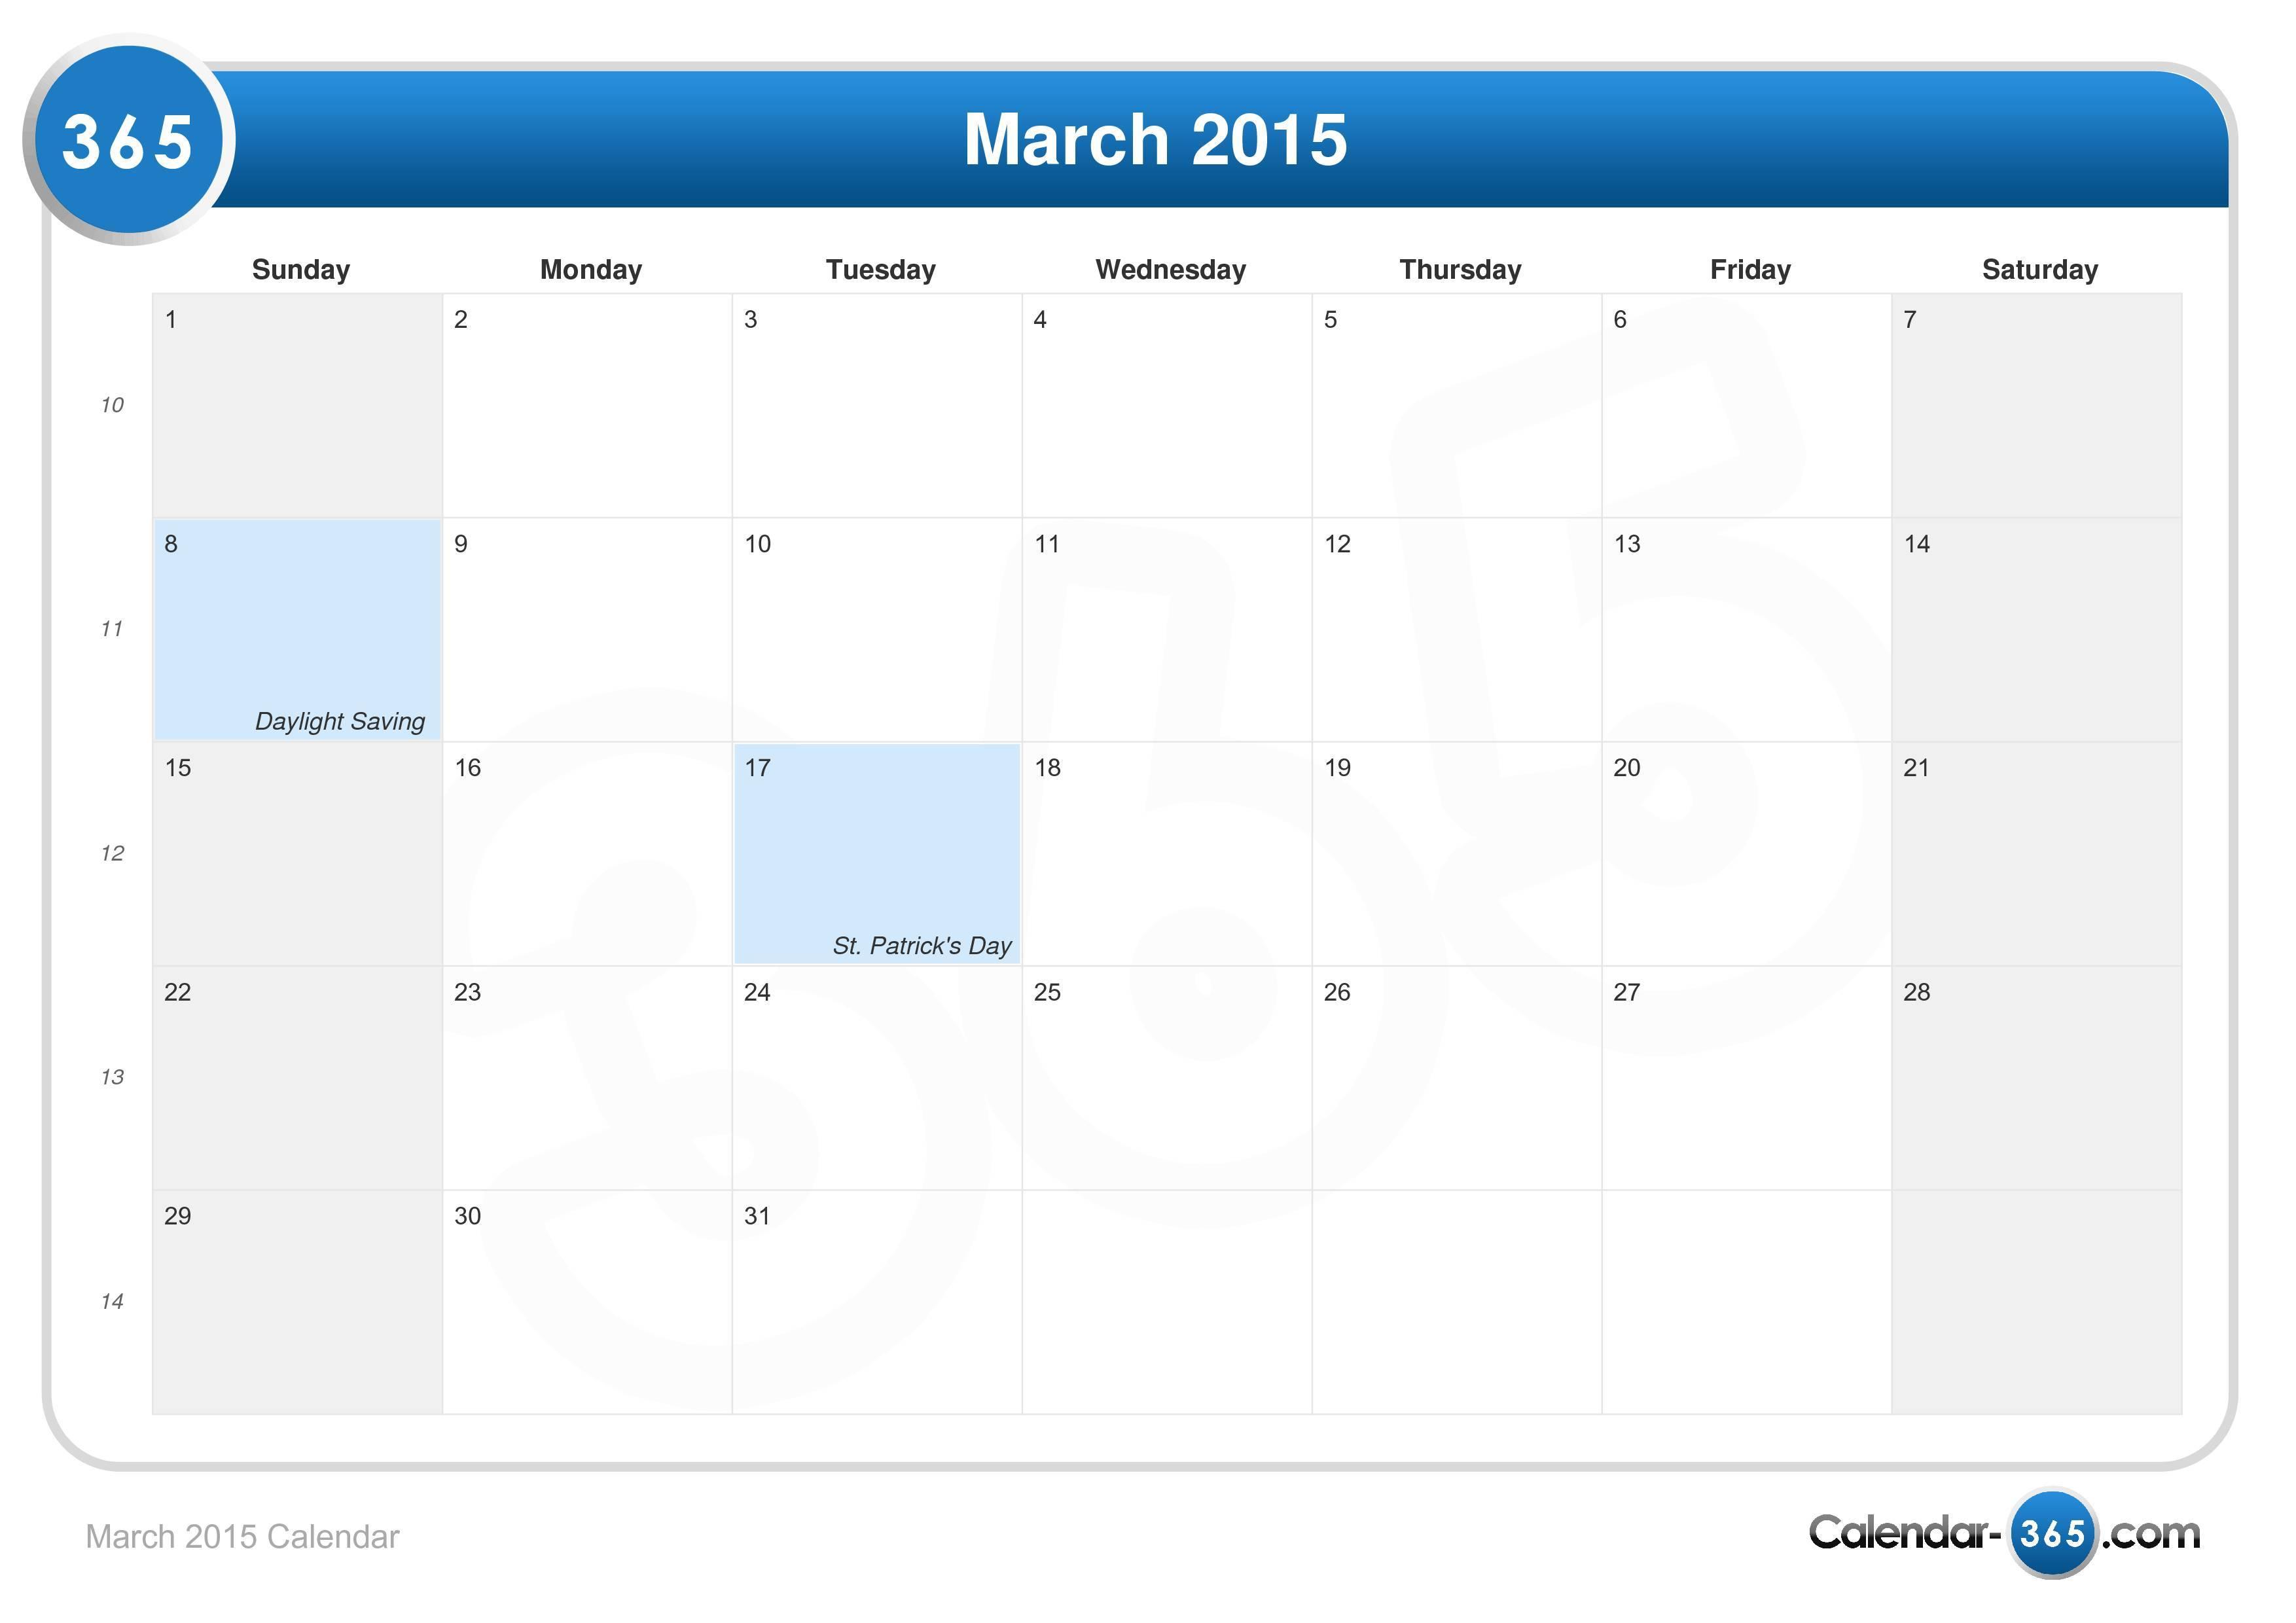 March 2015 Calendar